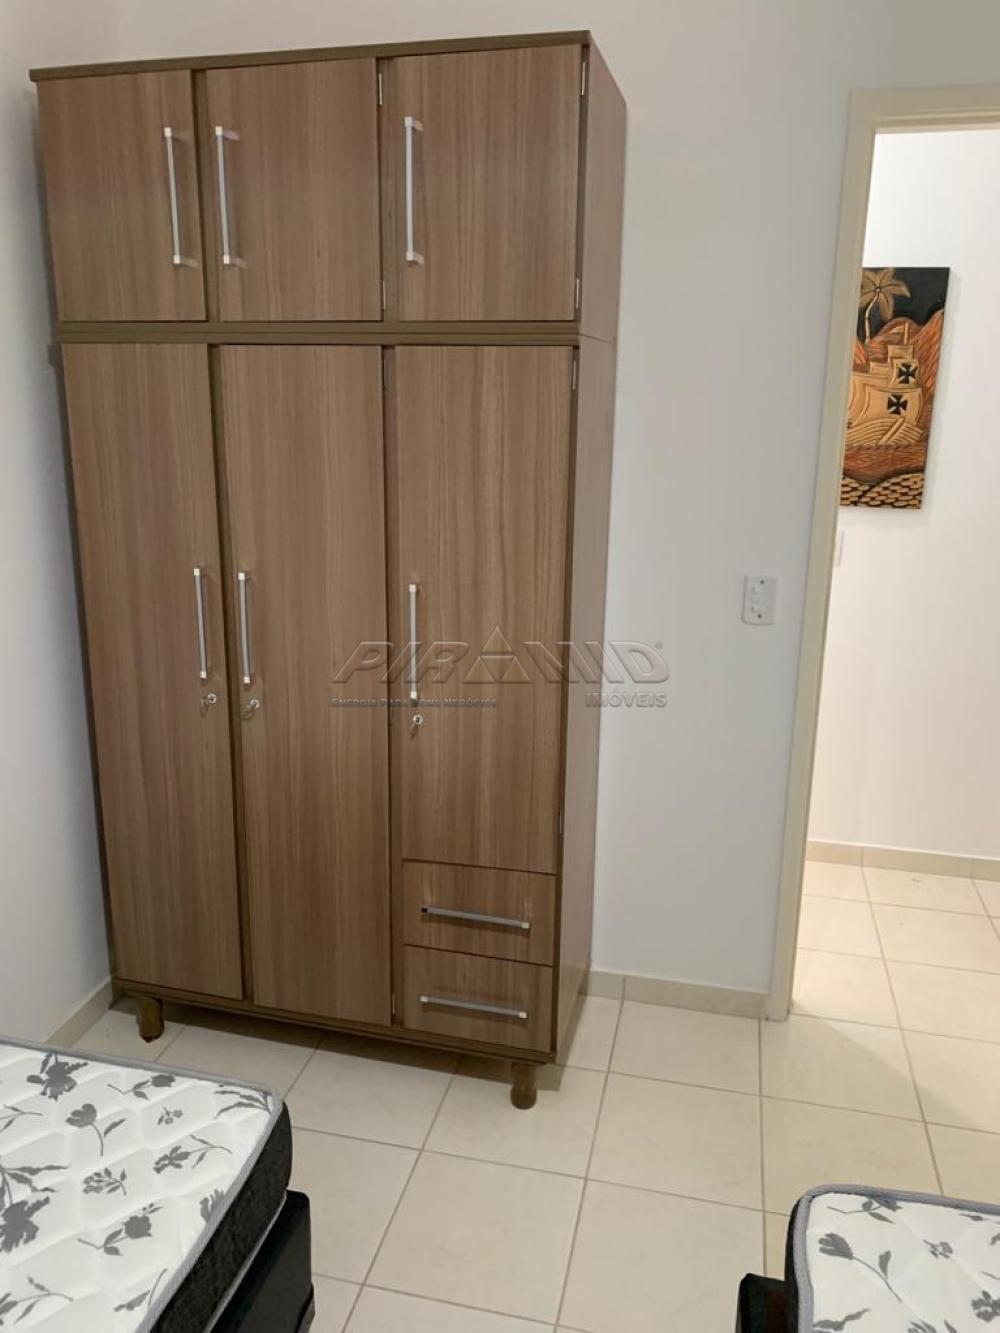 Alugar Apartamento / Padrão em Ribeirão Preto apenas R$ 2.050,00 - Foto 18